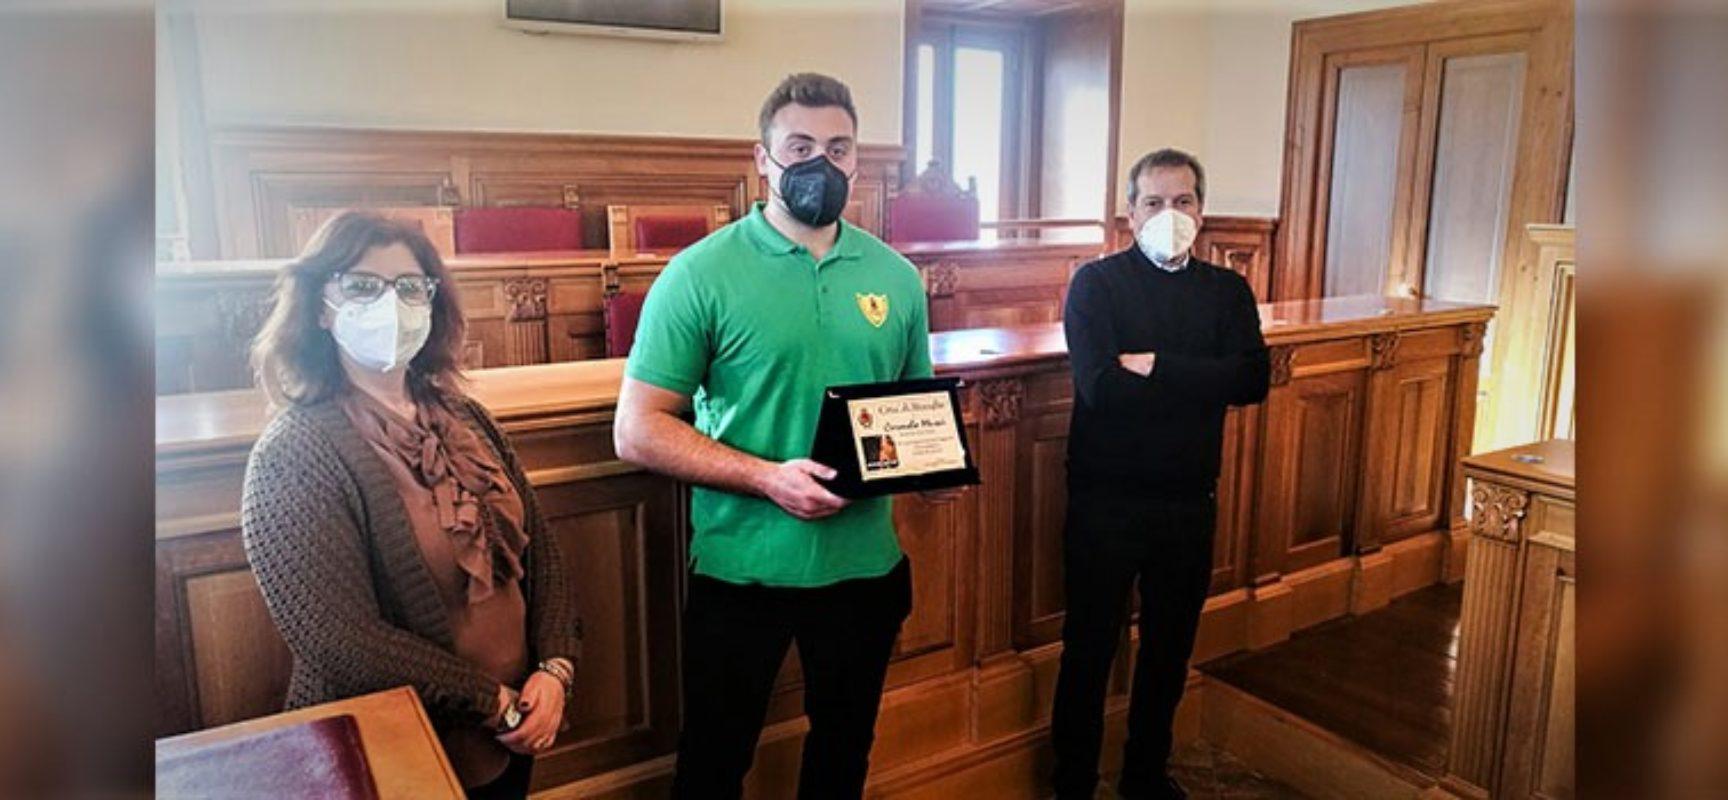 Comune di Bisceglie, riconoscimento per la stagione 2020 di Carmelo Musci